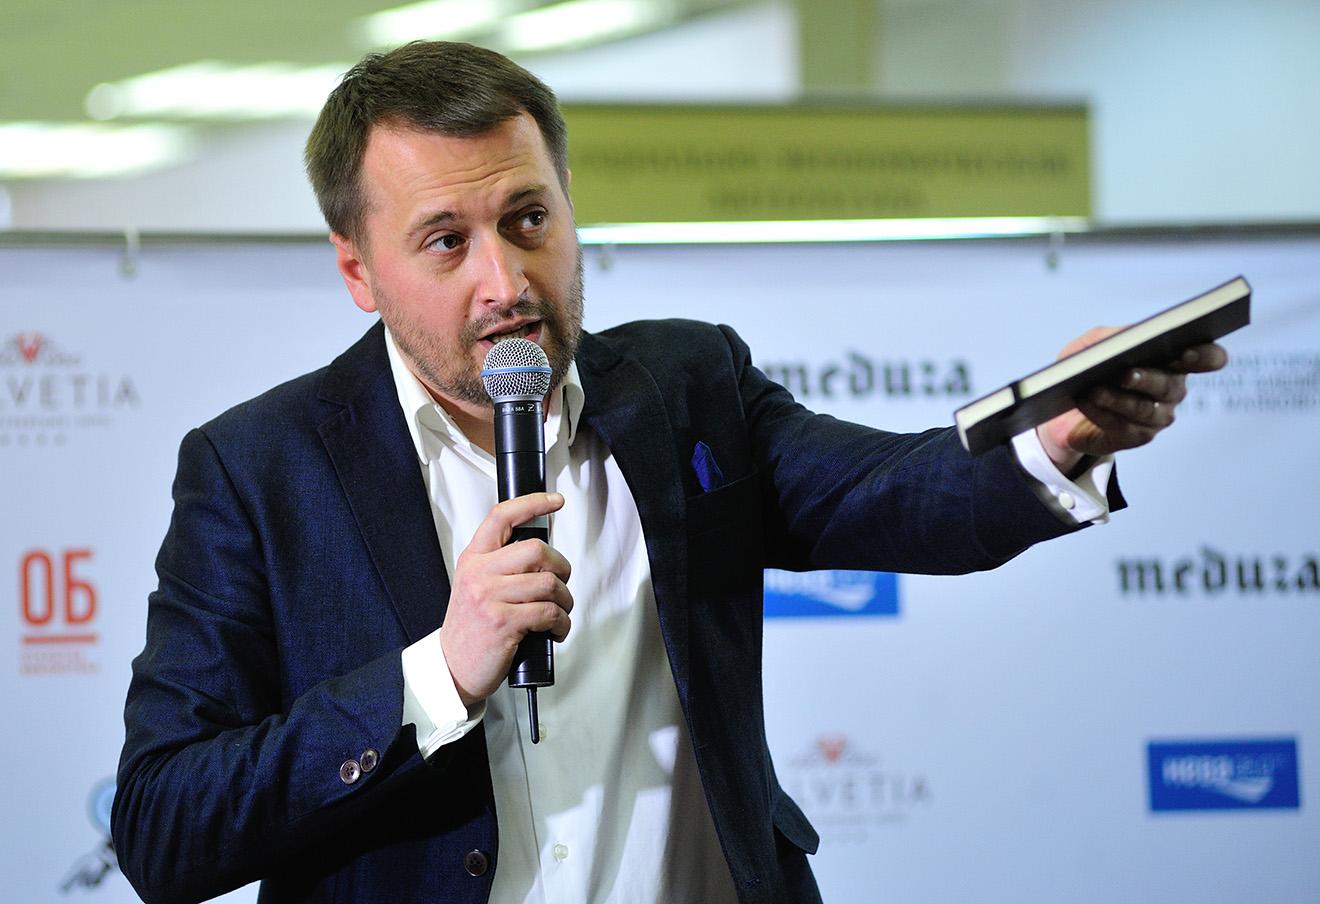 Николай Солодников во время встречи «Мартовские диалоги» в рамках проекта «Открытая библиотека» в библиотеке имени Маяковского.